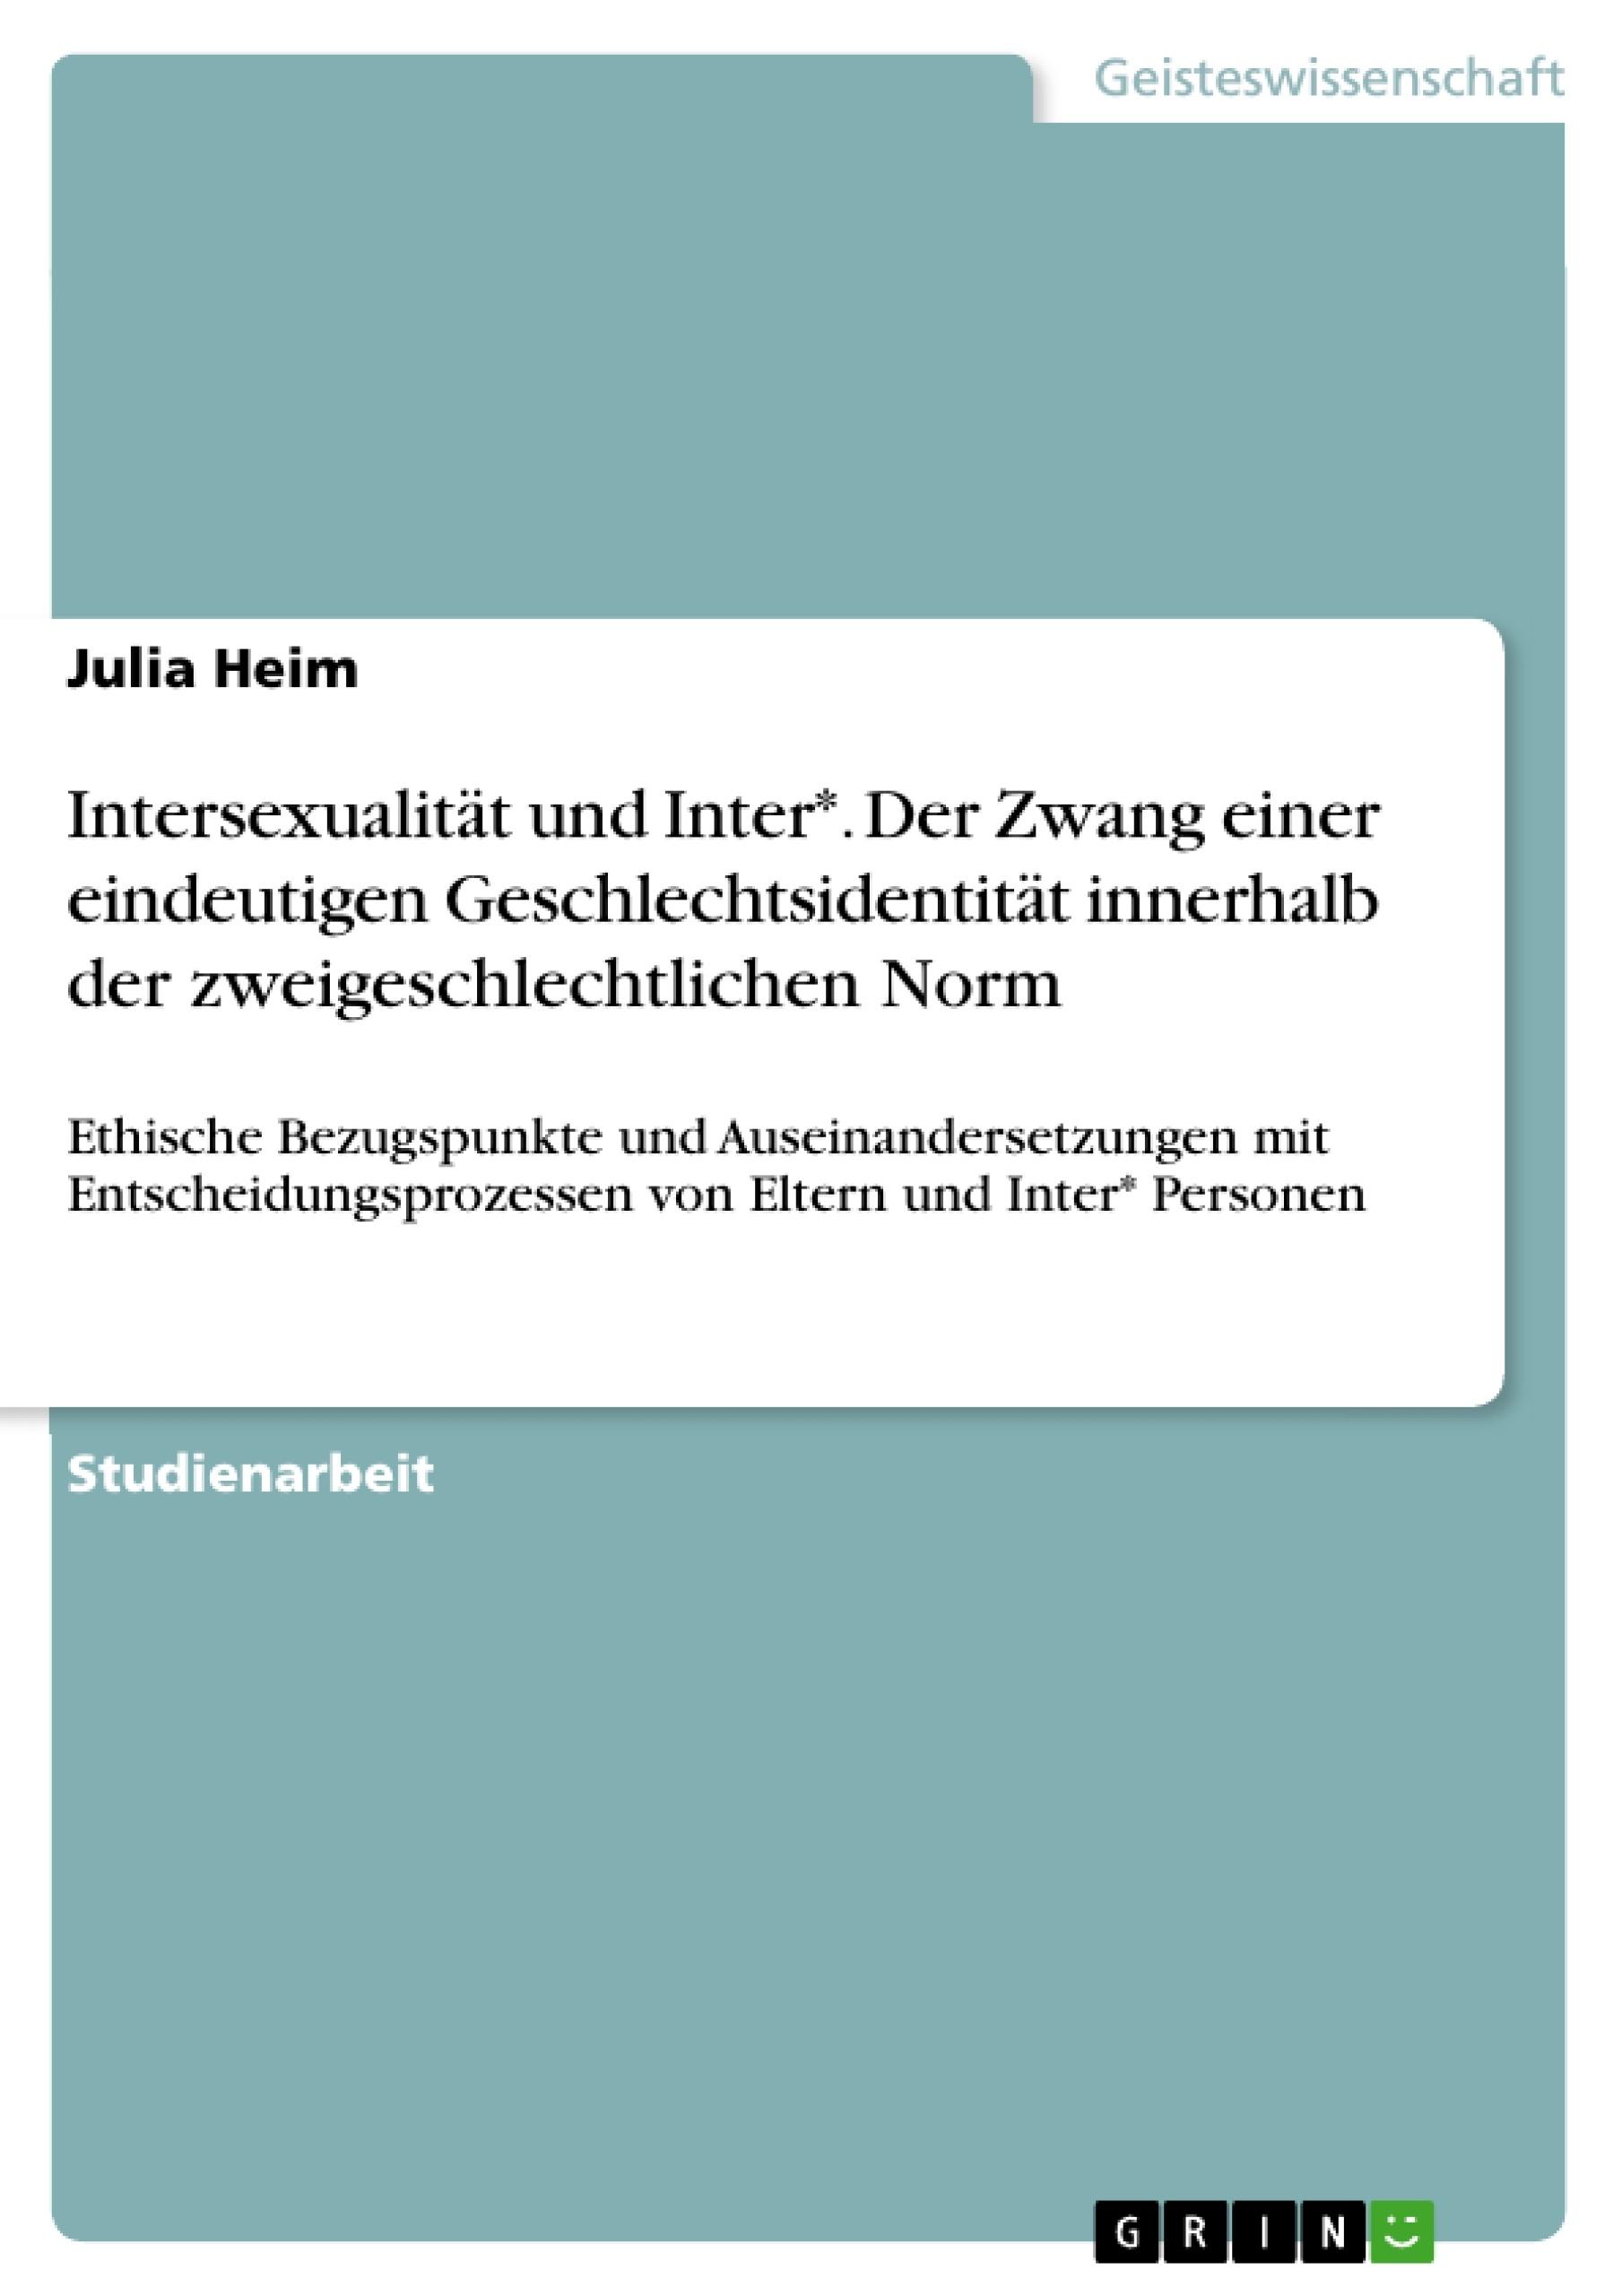 Titel: Intersexualität und Inter*. Der Zwang einer eindeutigen Geschlechtsidentität innerhalb der zweigeschlechtlichen Norm